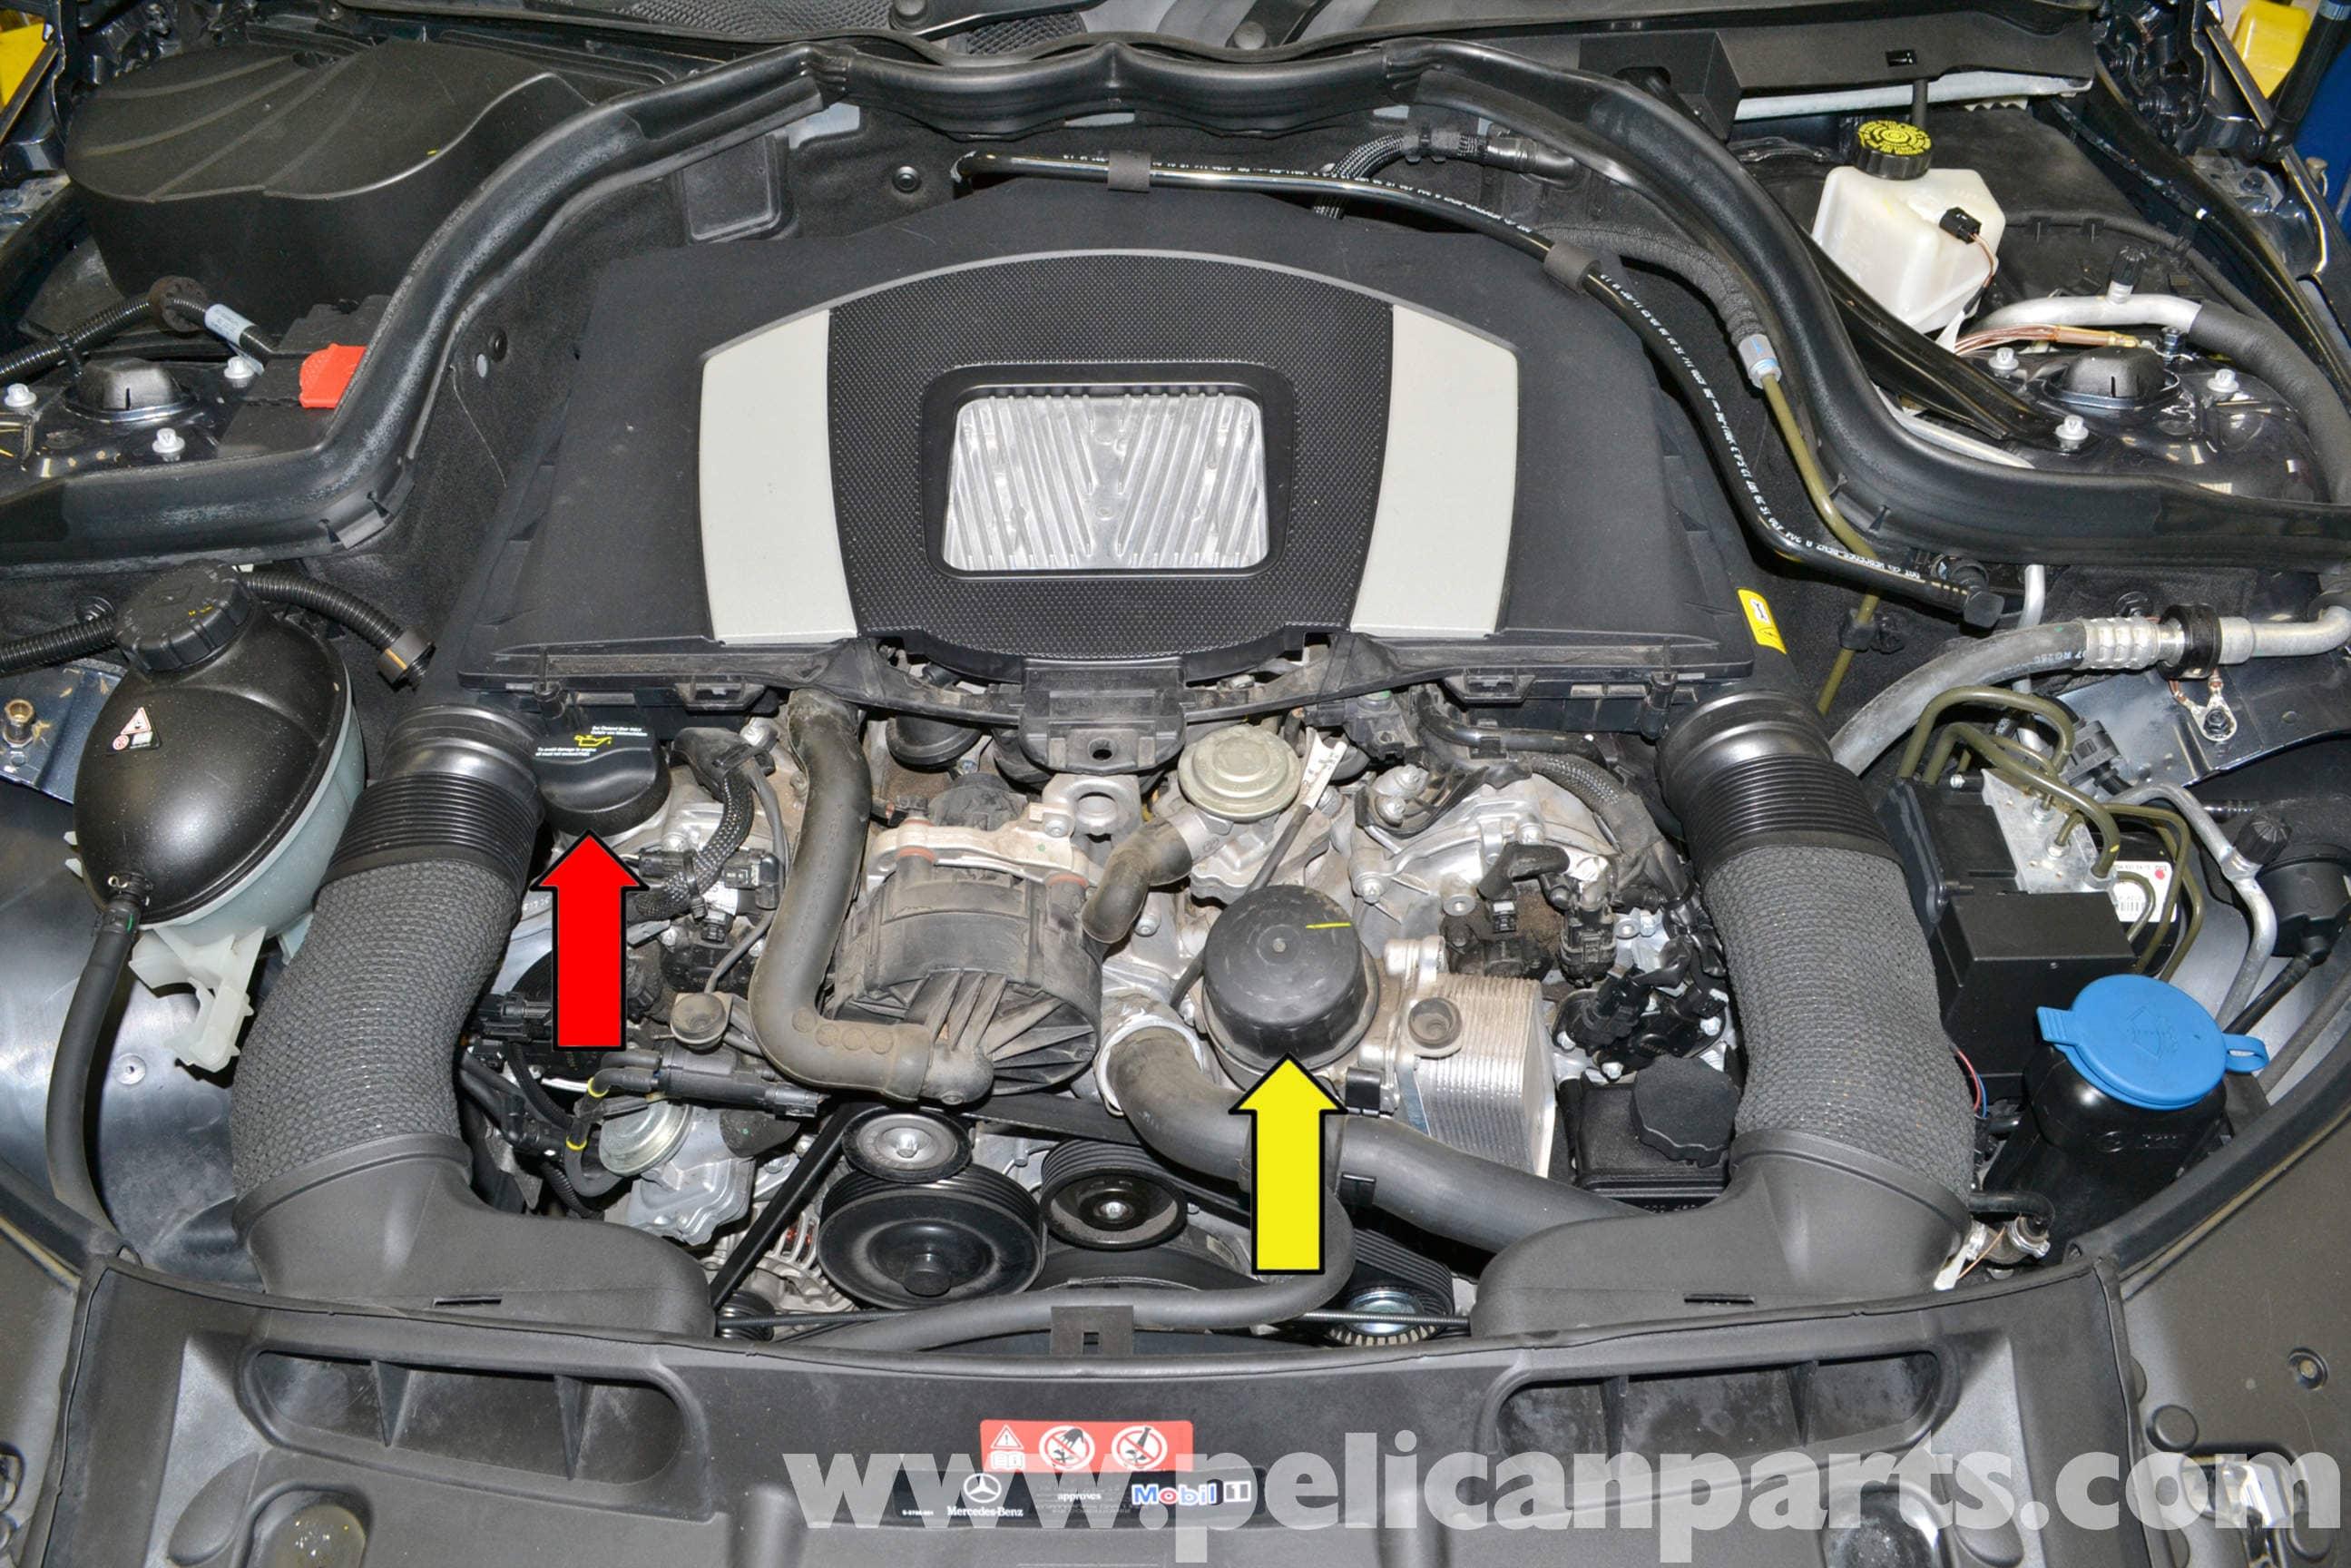 Mercedes Benz W204 Oil Change 2008 2014 C250 C300 C350